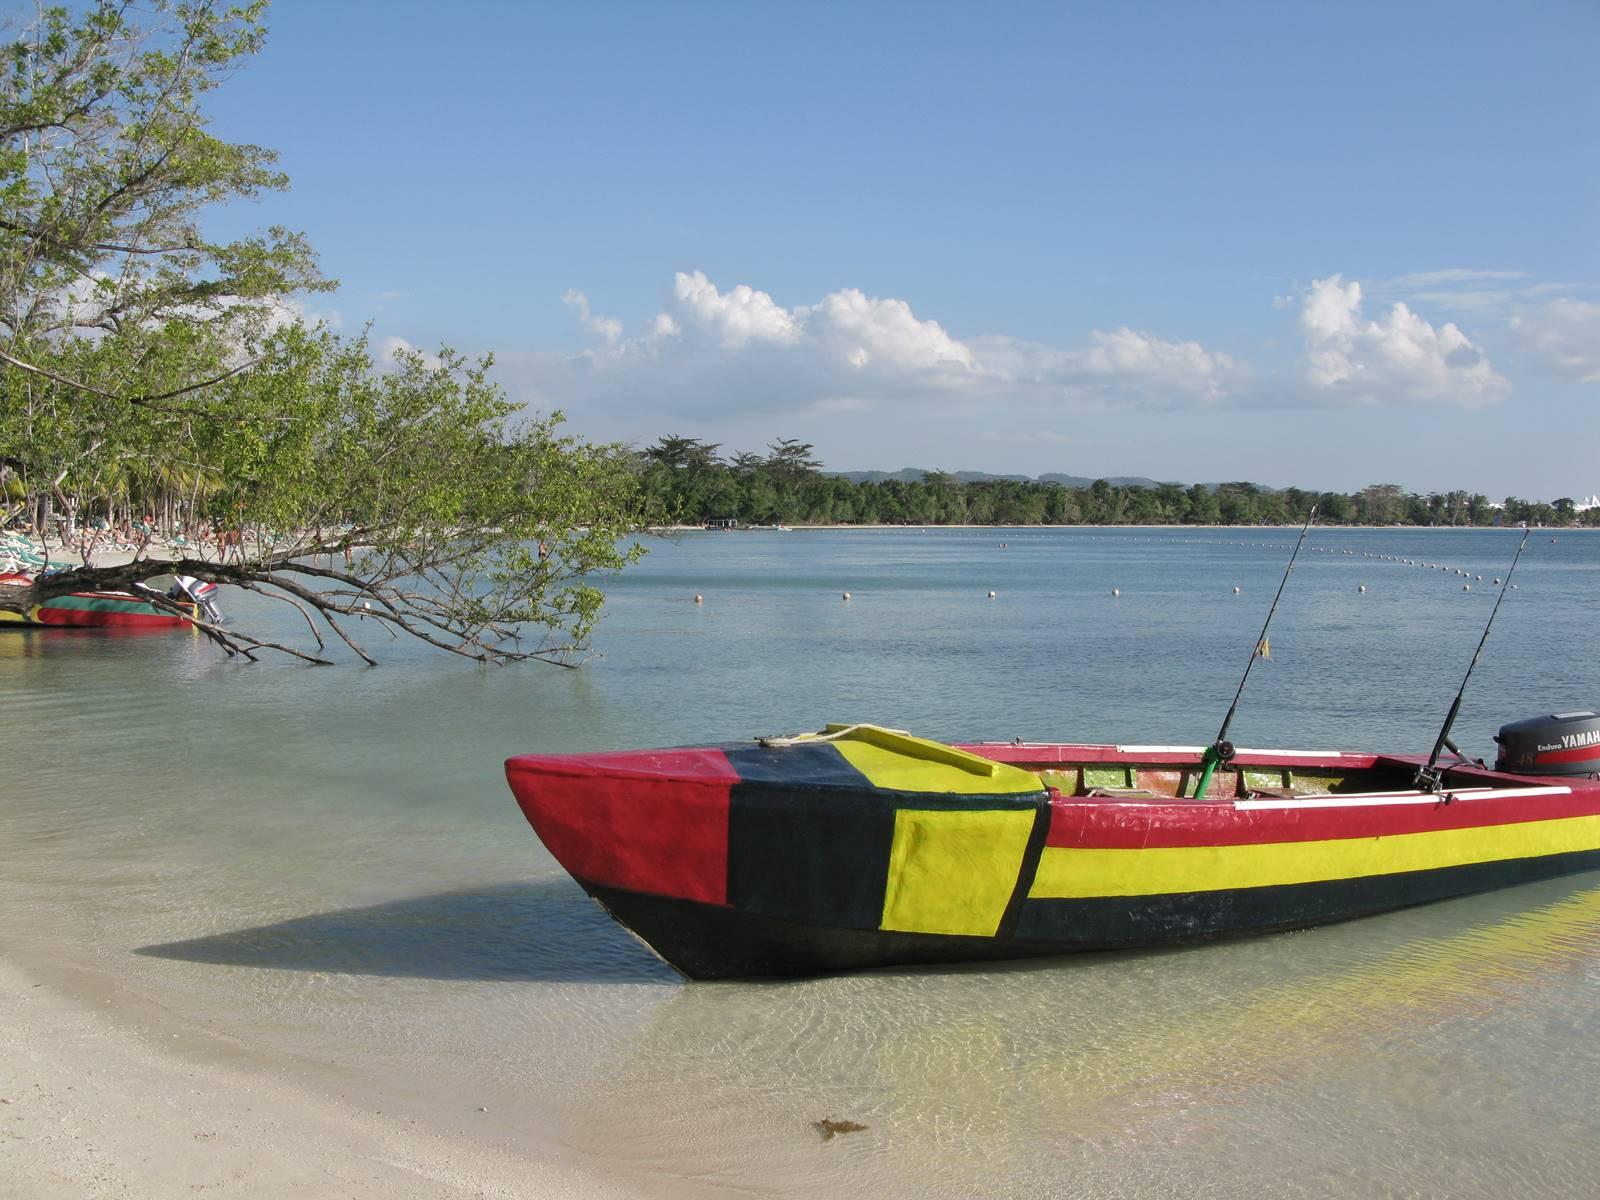 Jamaique Caraibes (15)